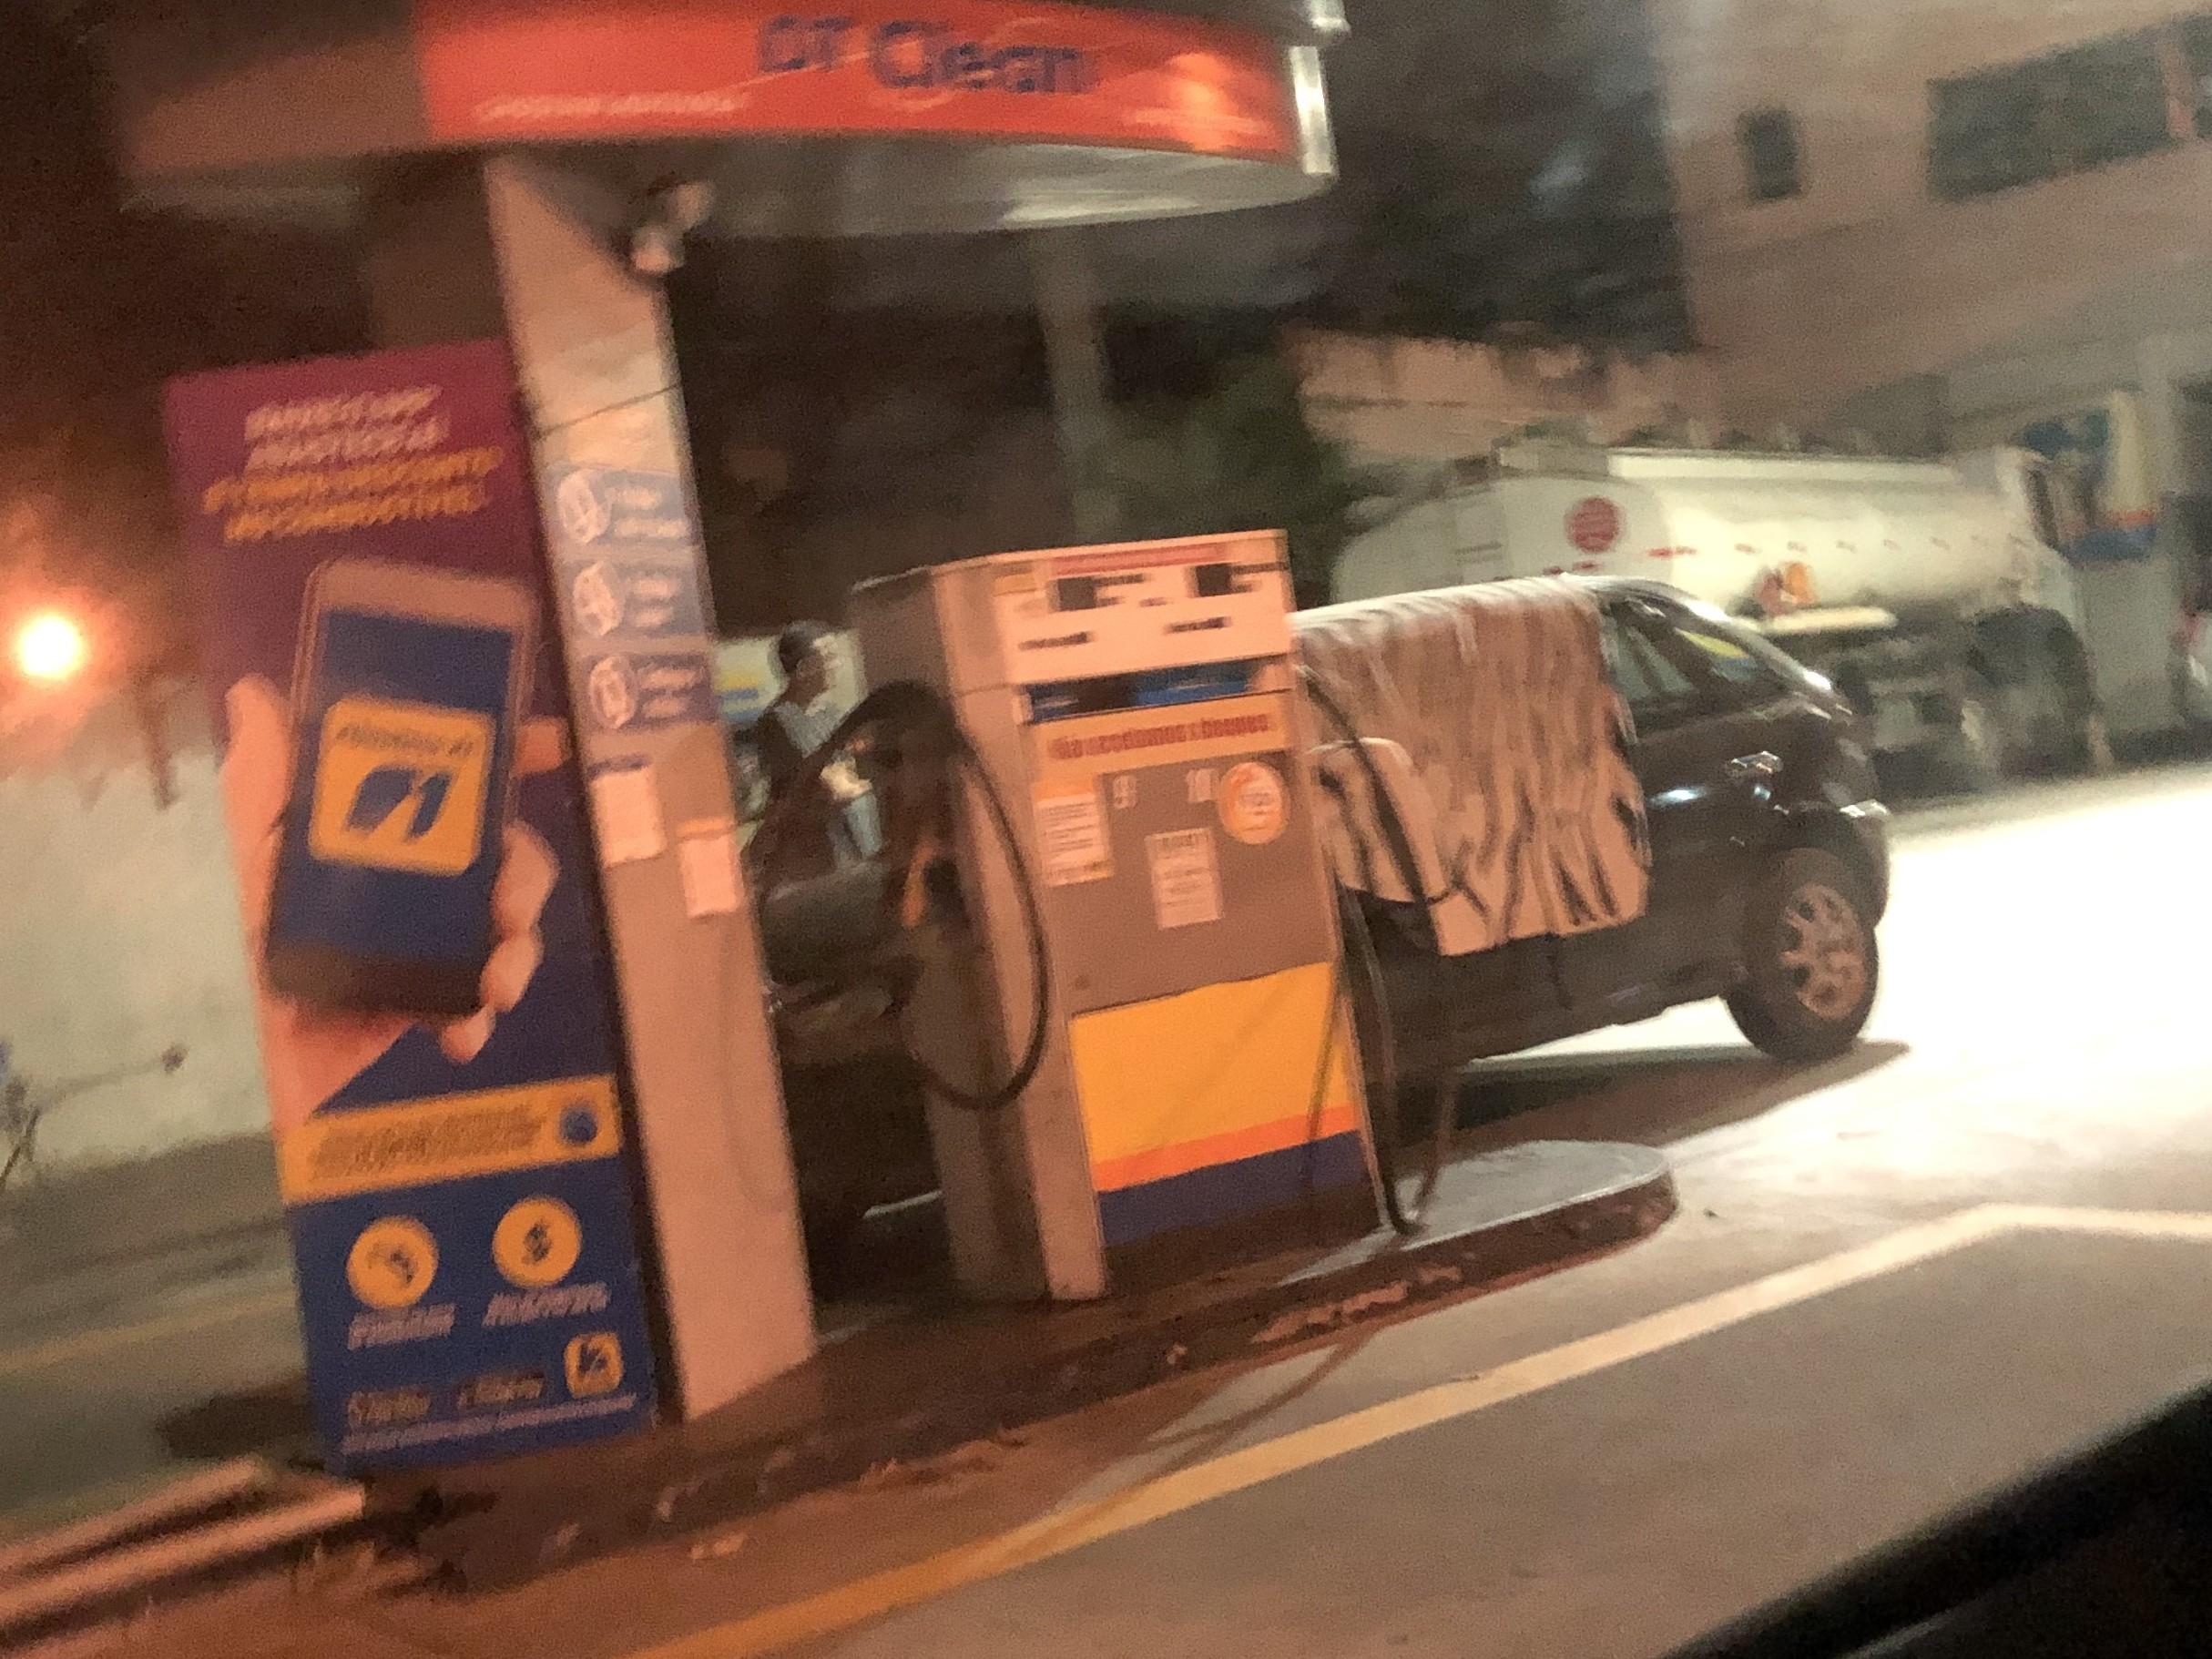 Assaltante infarta e morre durante roubo a posto de combustíveis em Volta Redonda - Notícias - Plantão Diário